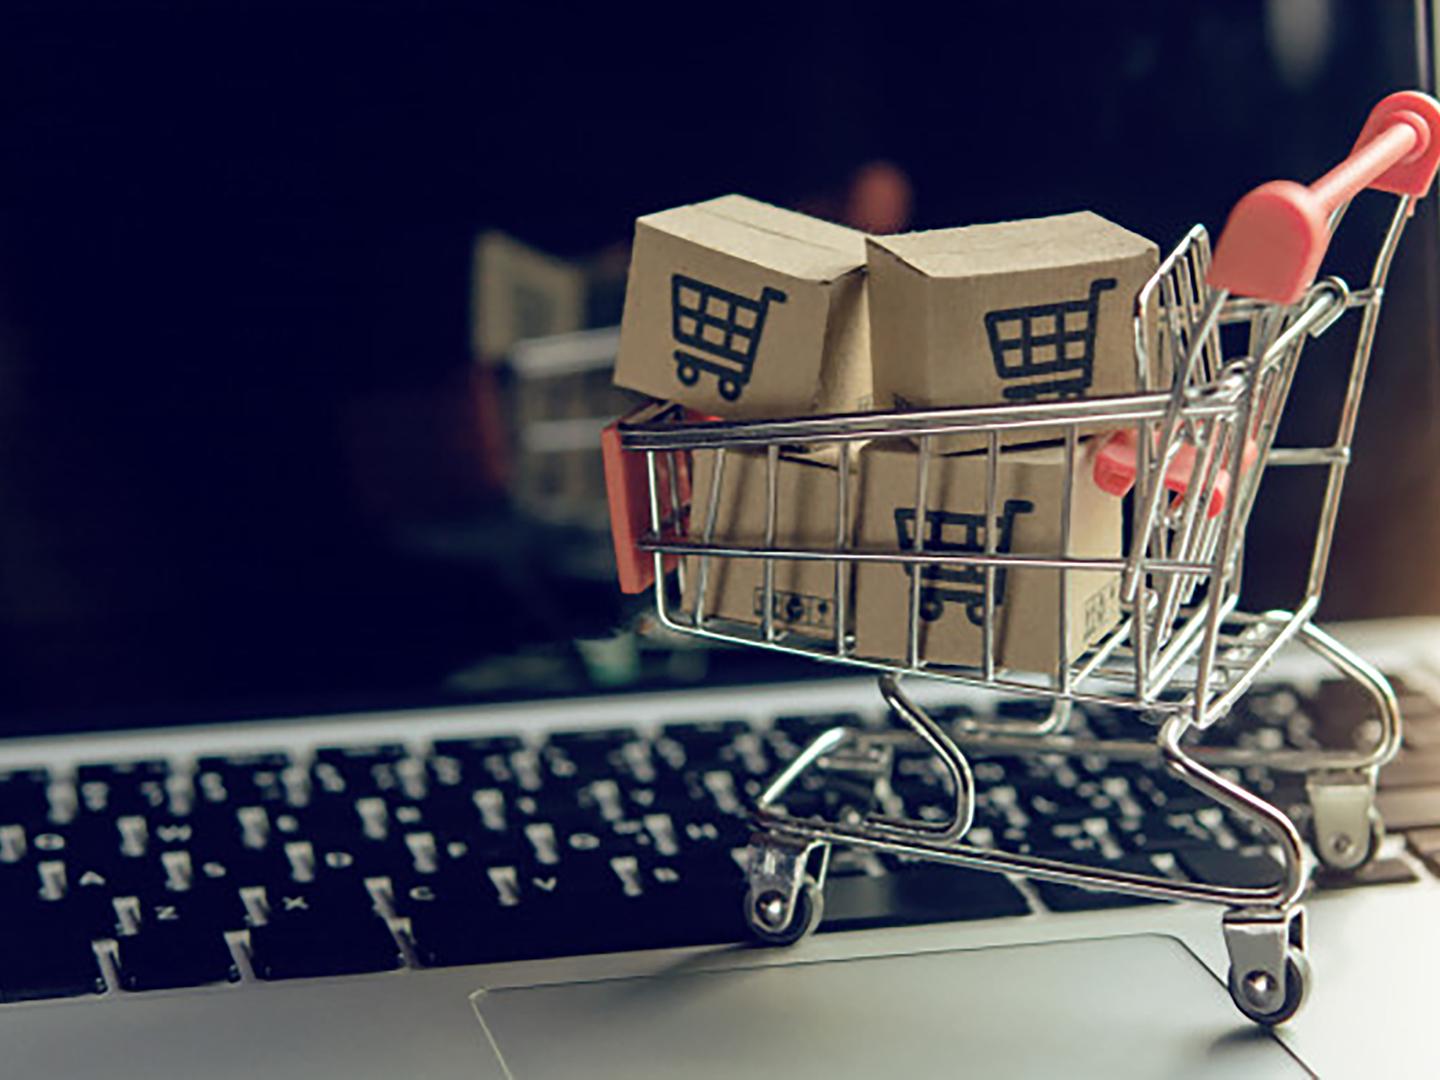 Comissão de Defesa do Consumidor da OAB SP lança Guia do Consumo Consciente